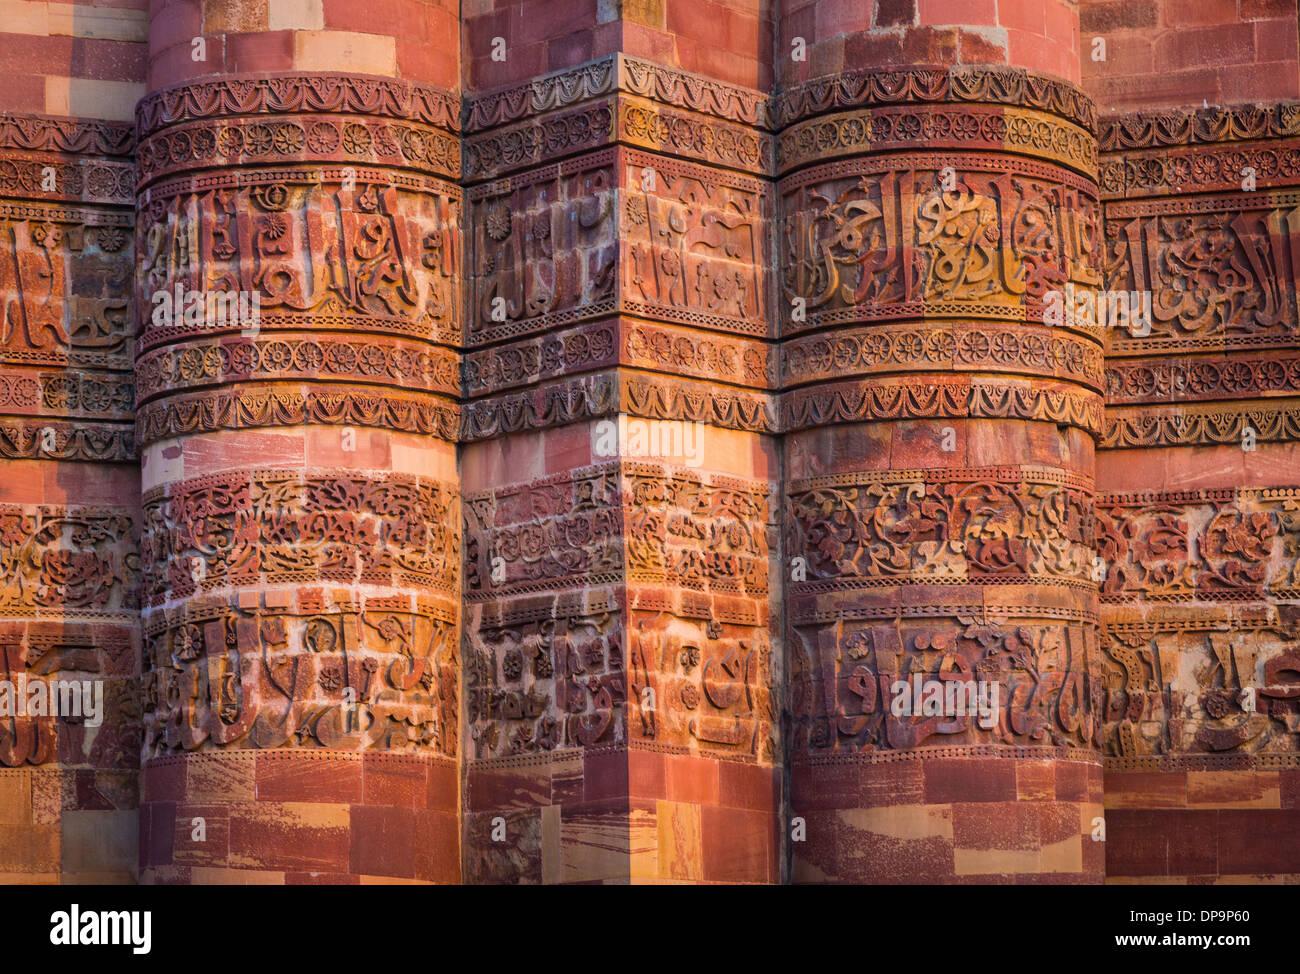 Qutub Minar (el Qutub Tower), también conocido como Qutb Minar y Qutab Minar, es el más alto minar (73 metros) en la India Imagen De Stock